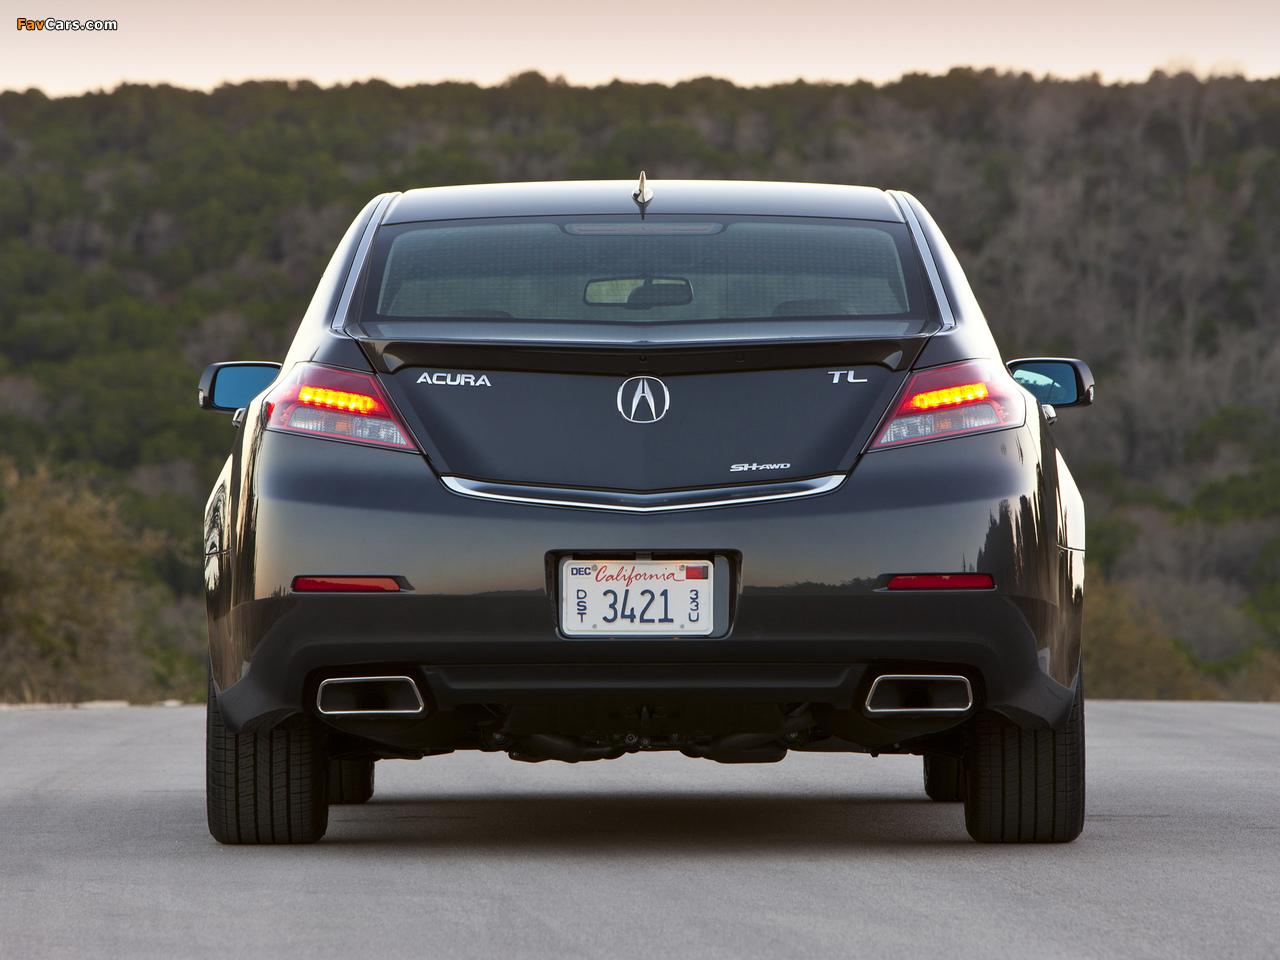 Acura Tl Sh Awd >> Acura TL SH-AWD (2011) photos (1280x960)